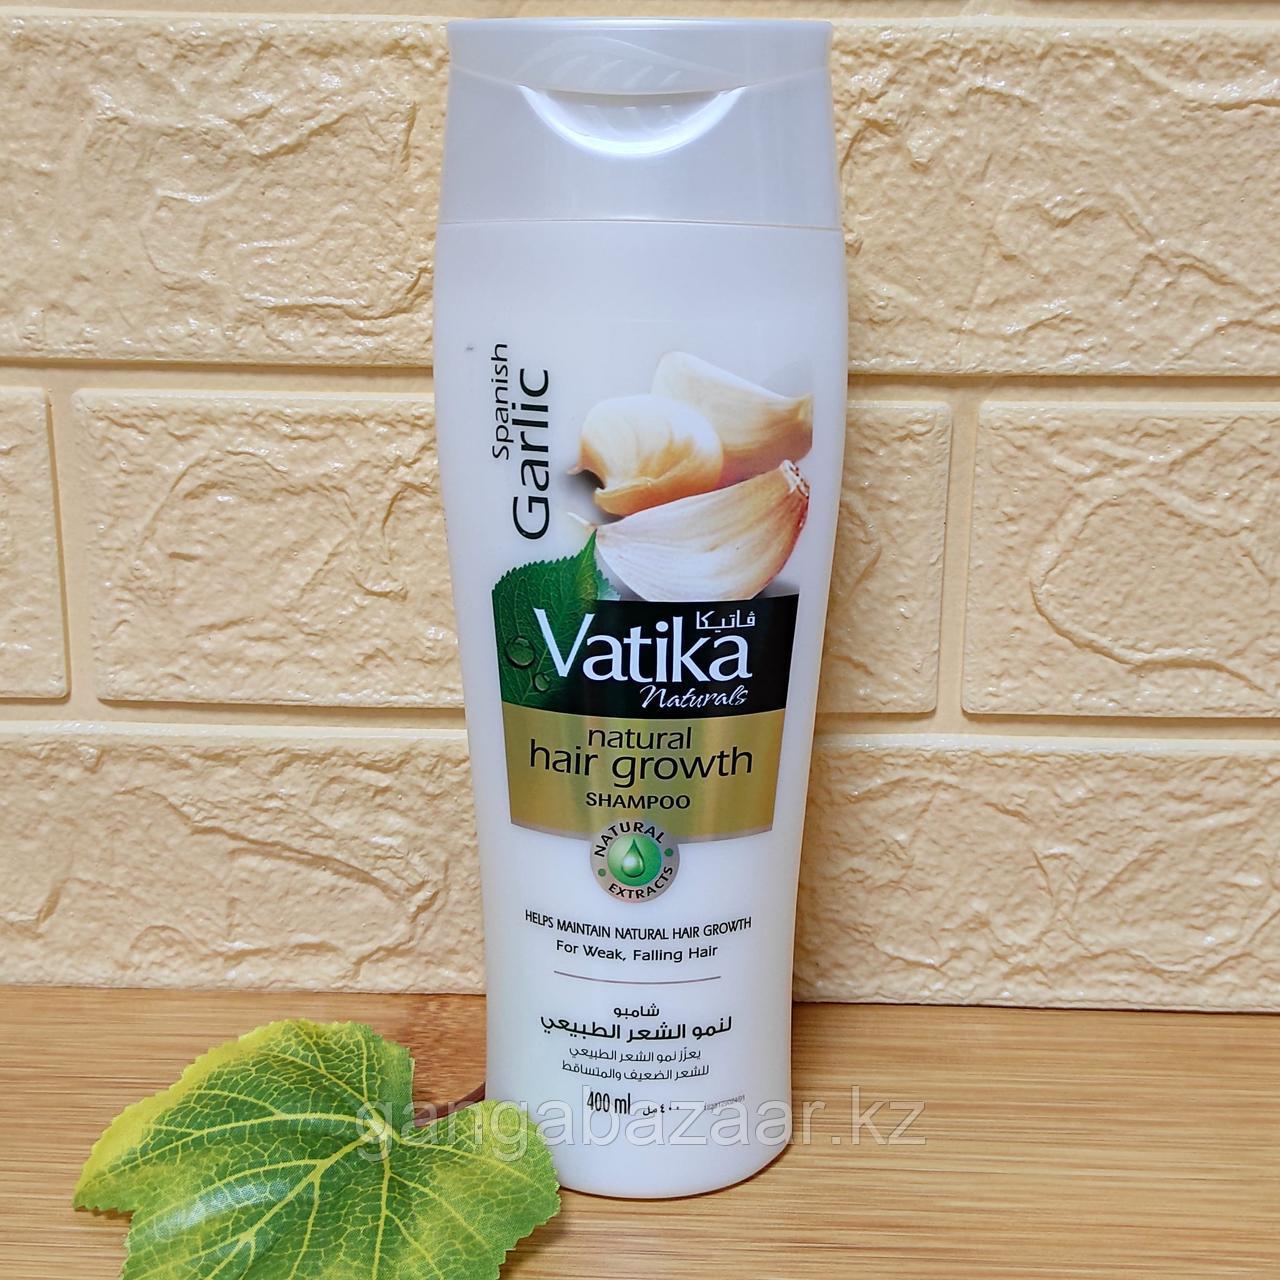 Шампунь Ватика Дабур с чесноком - природный ускоритель роста волос, 400 мл